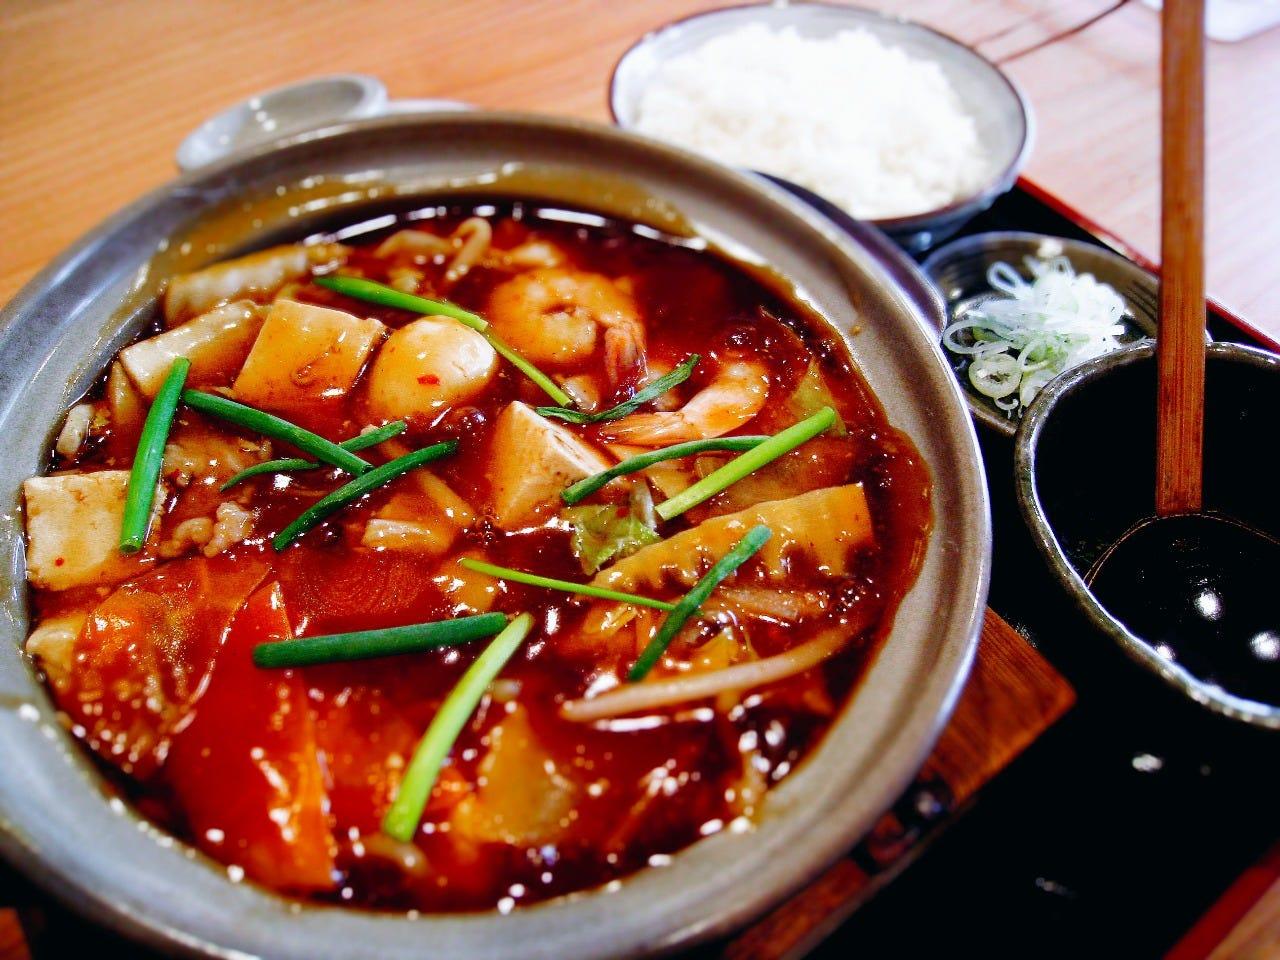 武蔵境で満足ランチ♪老舗の味からグランピングまで多彩の10選の画像